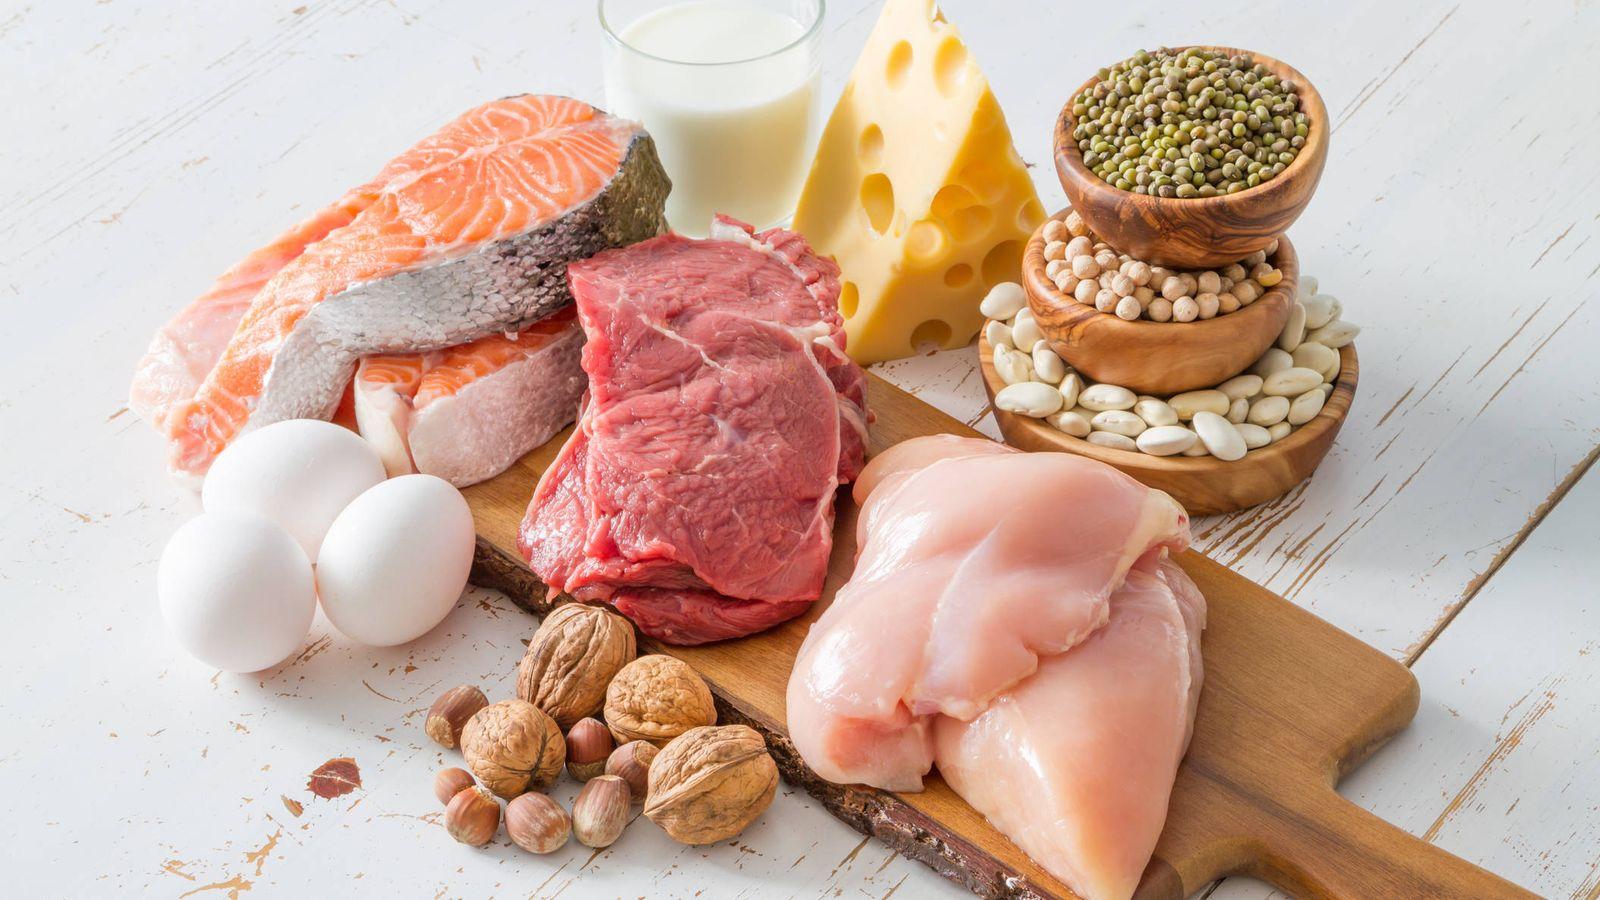 dieta de proteinas puras para adelgazar